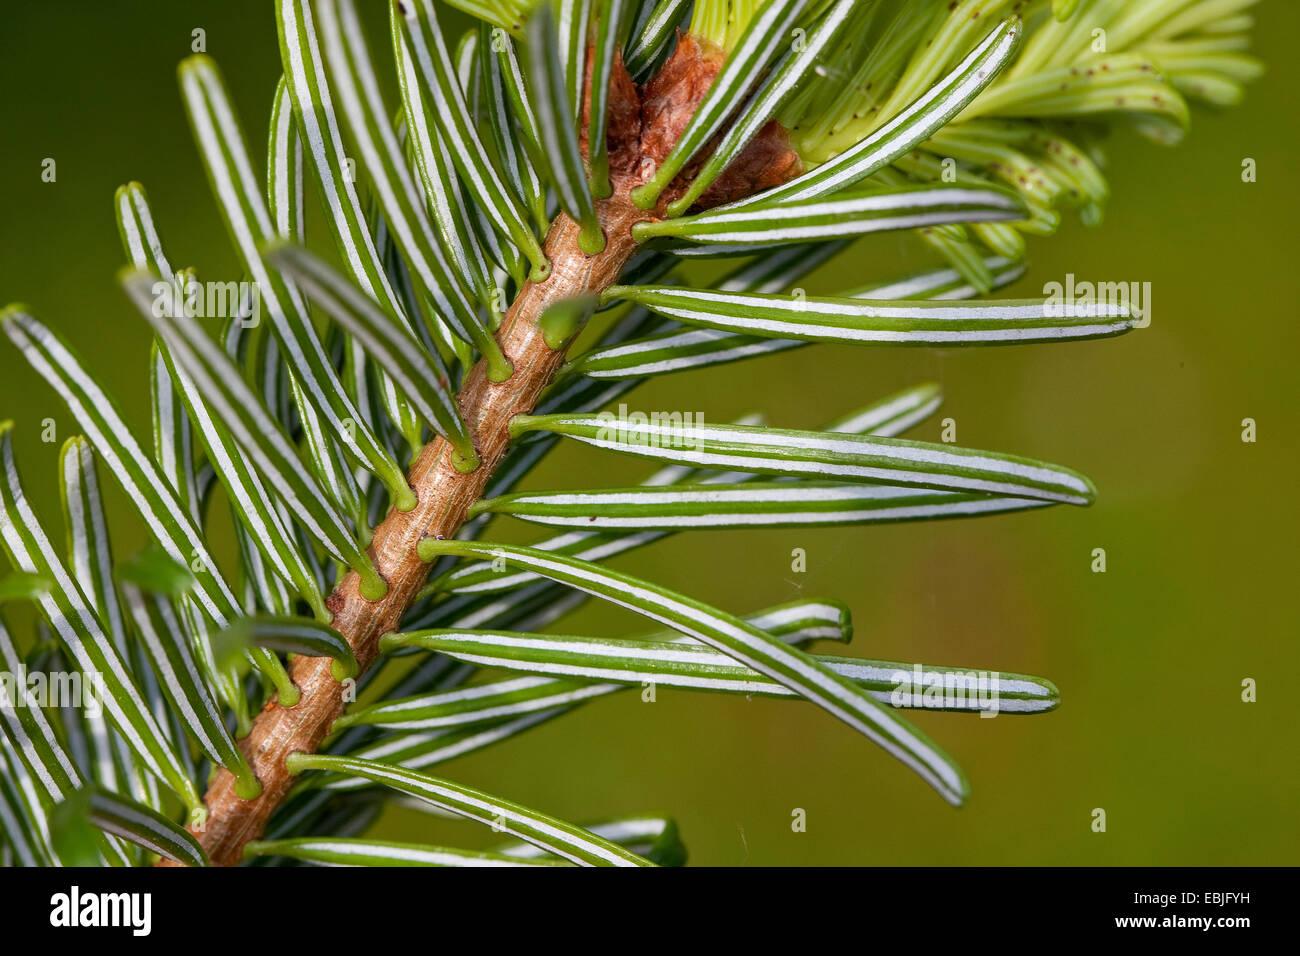 Nordmann Fir, Caucasian Fir, Christmas Tree (Abies Nordmanniana Stock Photo: 76010357